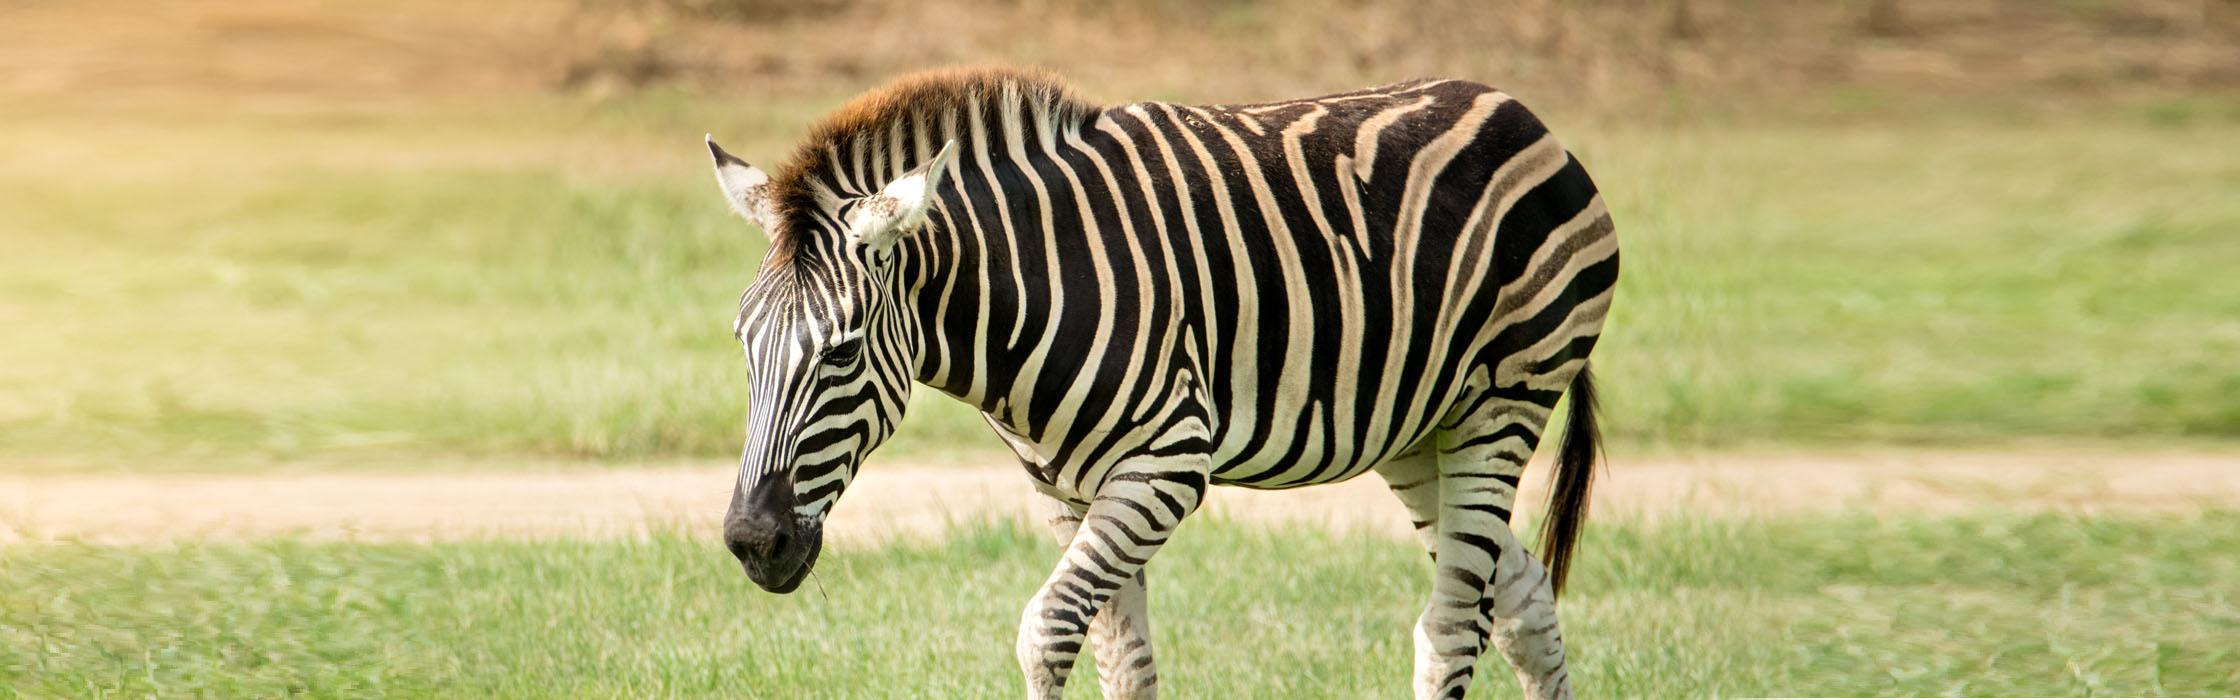 Wildlife-Our Animals-Zebra2240x700